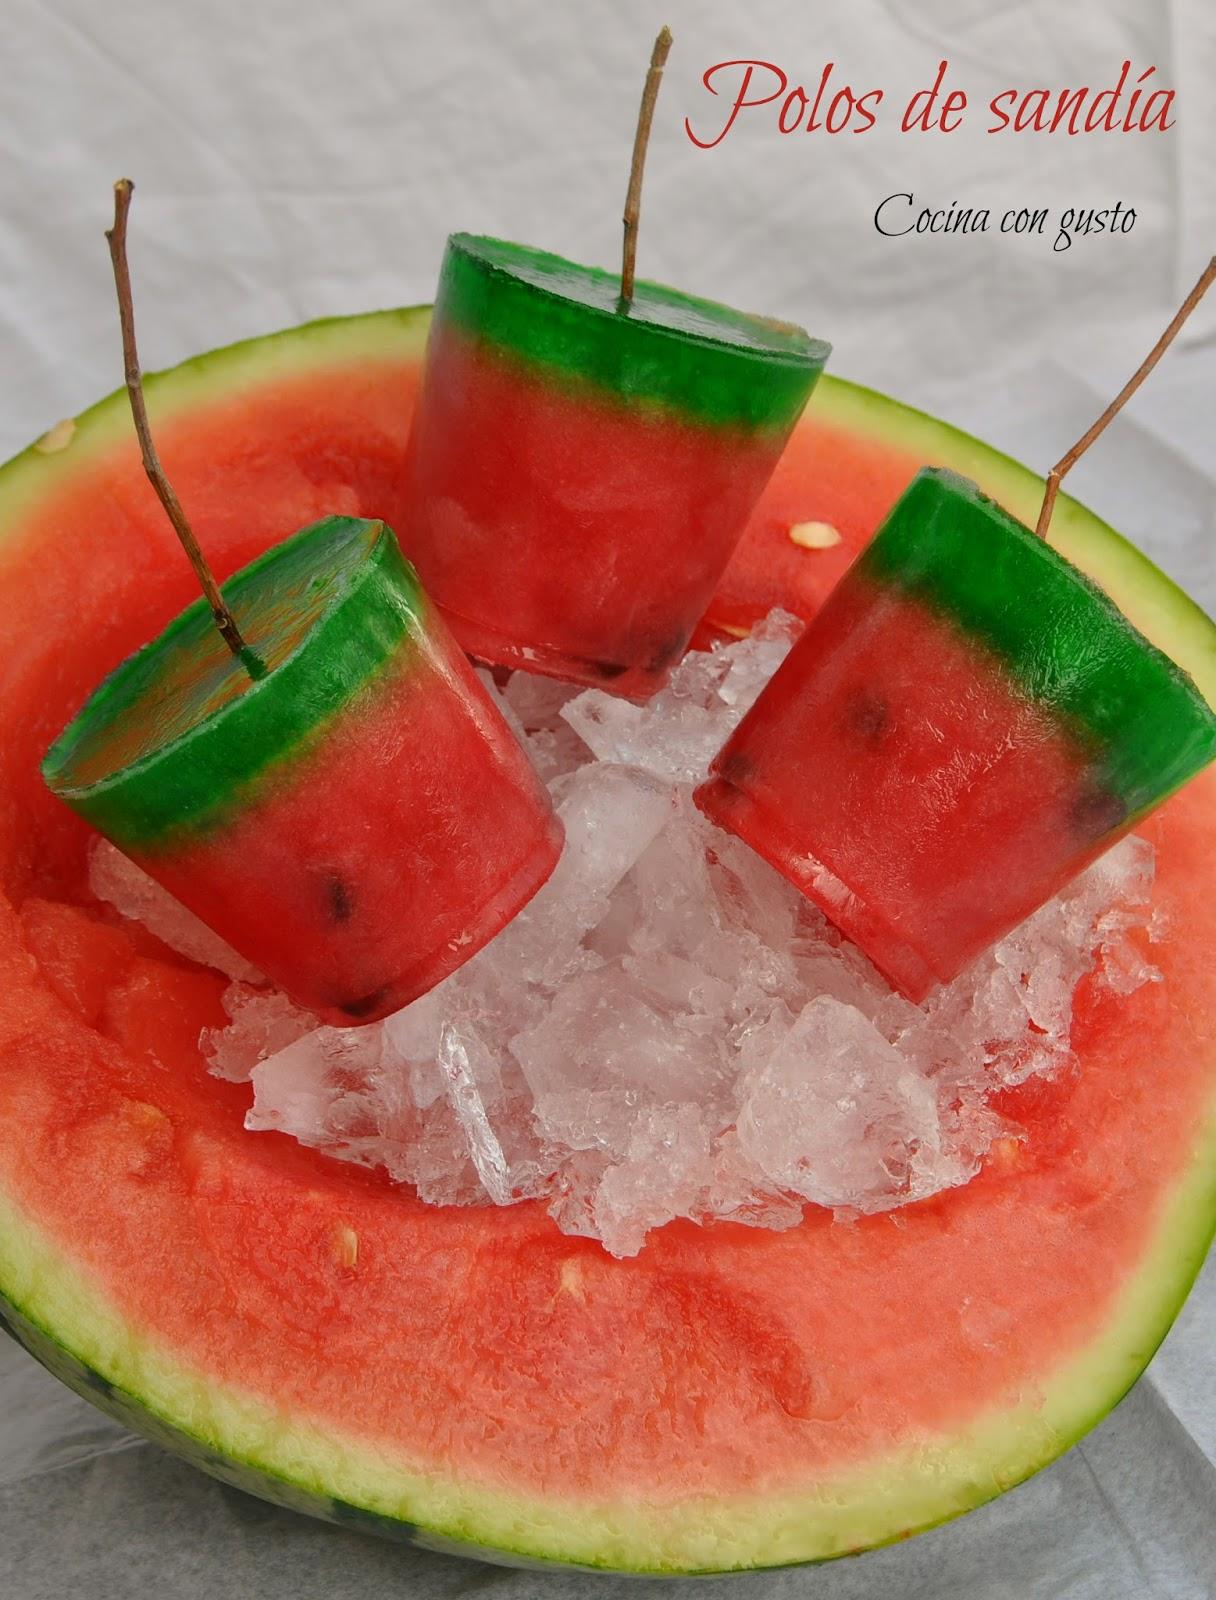 polos de sandia y melon